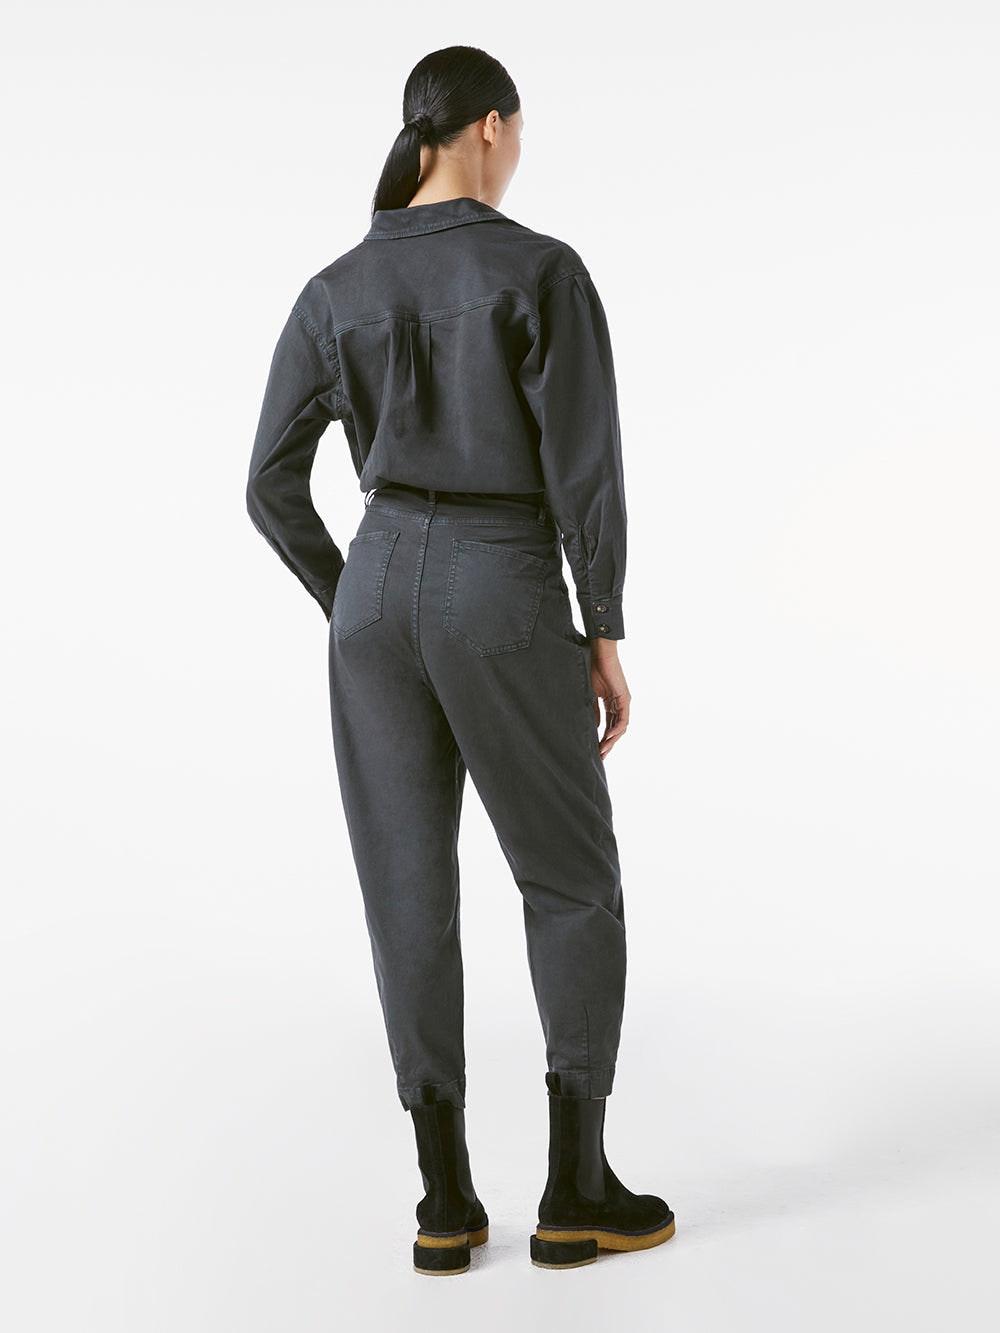 jumpsuit back view